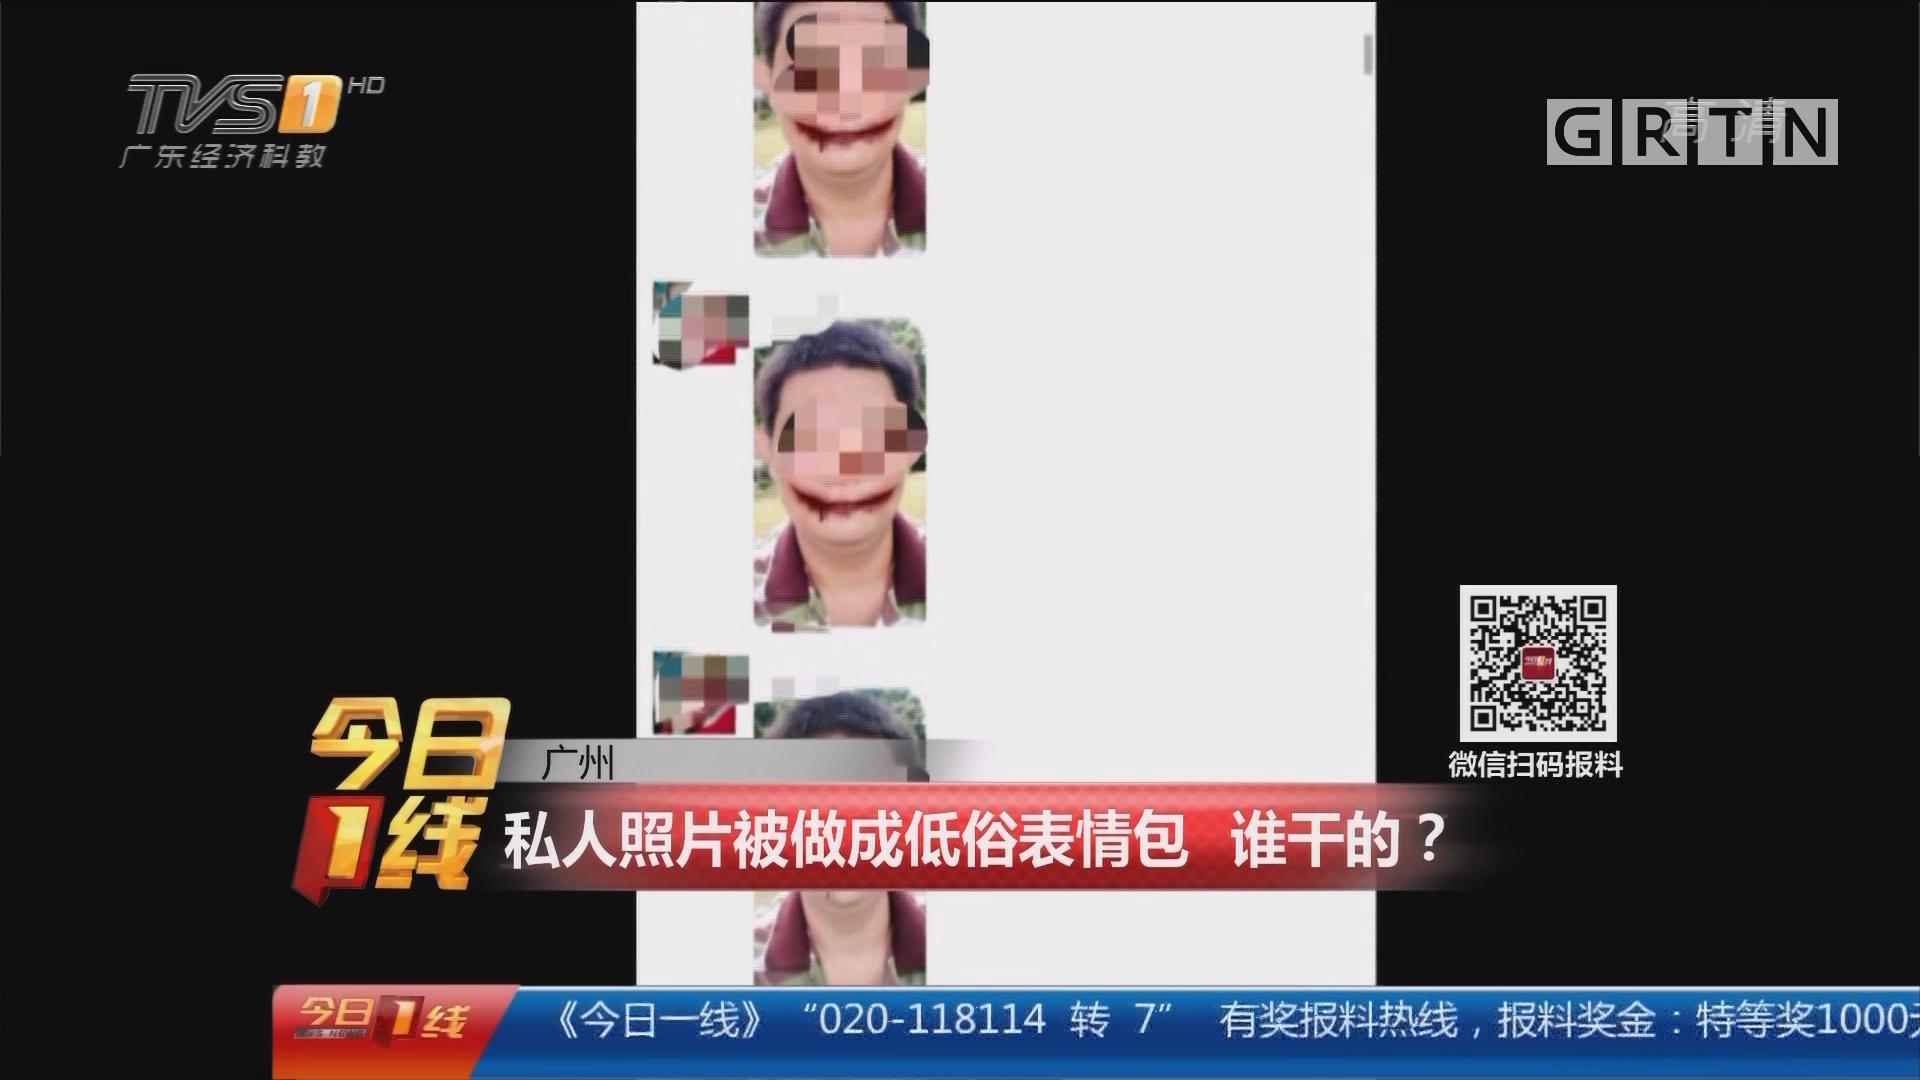 广州:私人照片被做成低俗表情包 谁干的?